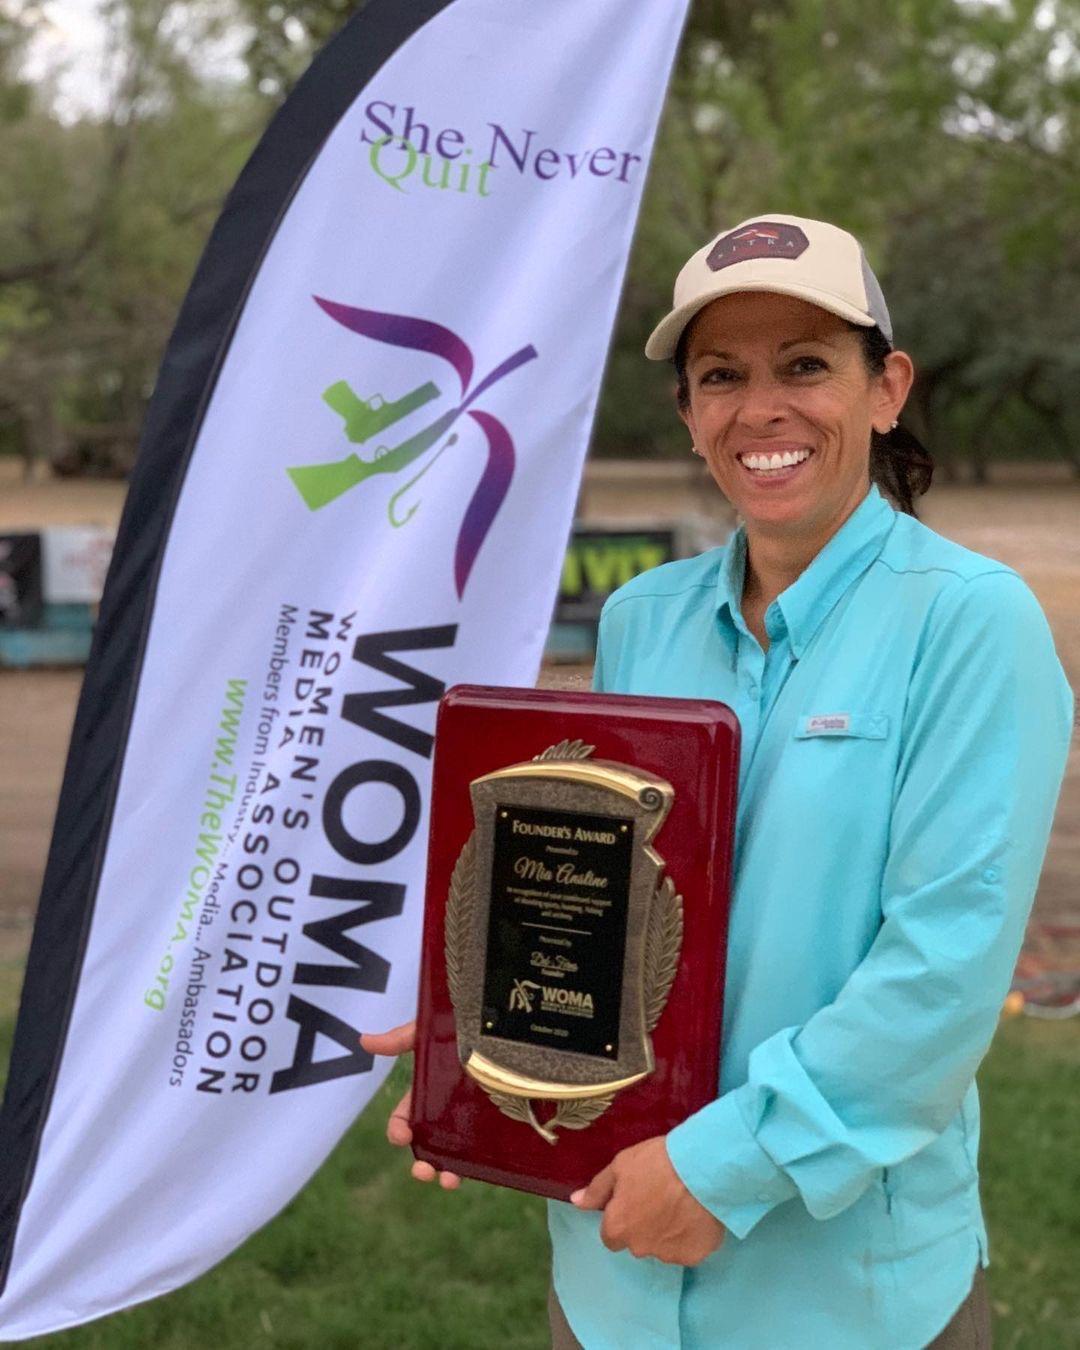 Mia Anstine Receives WOMA Founder's Award